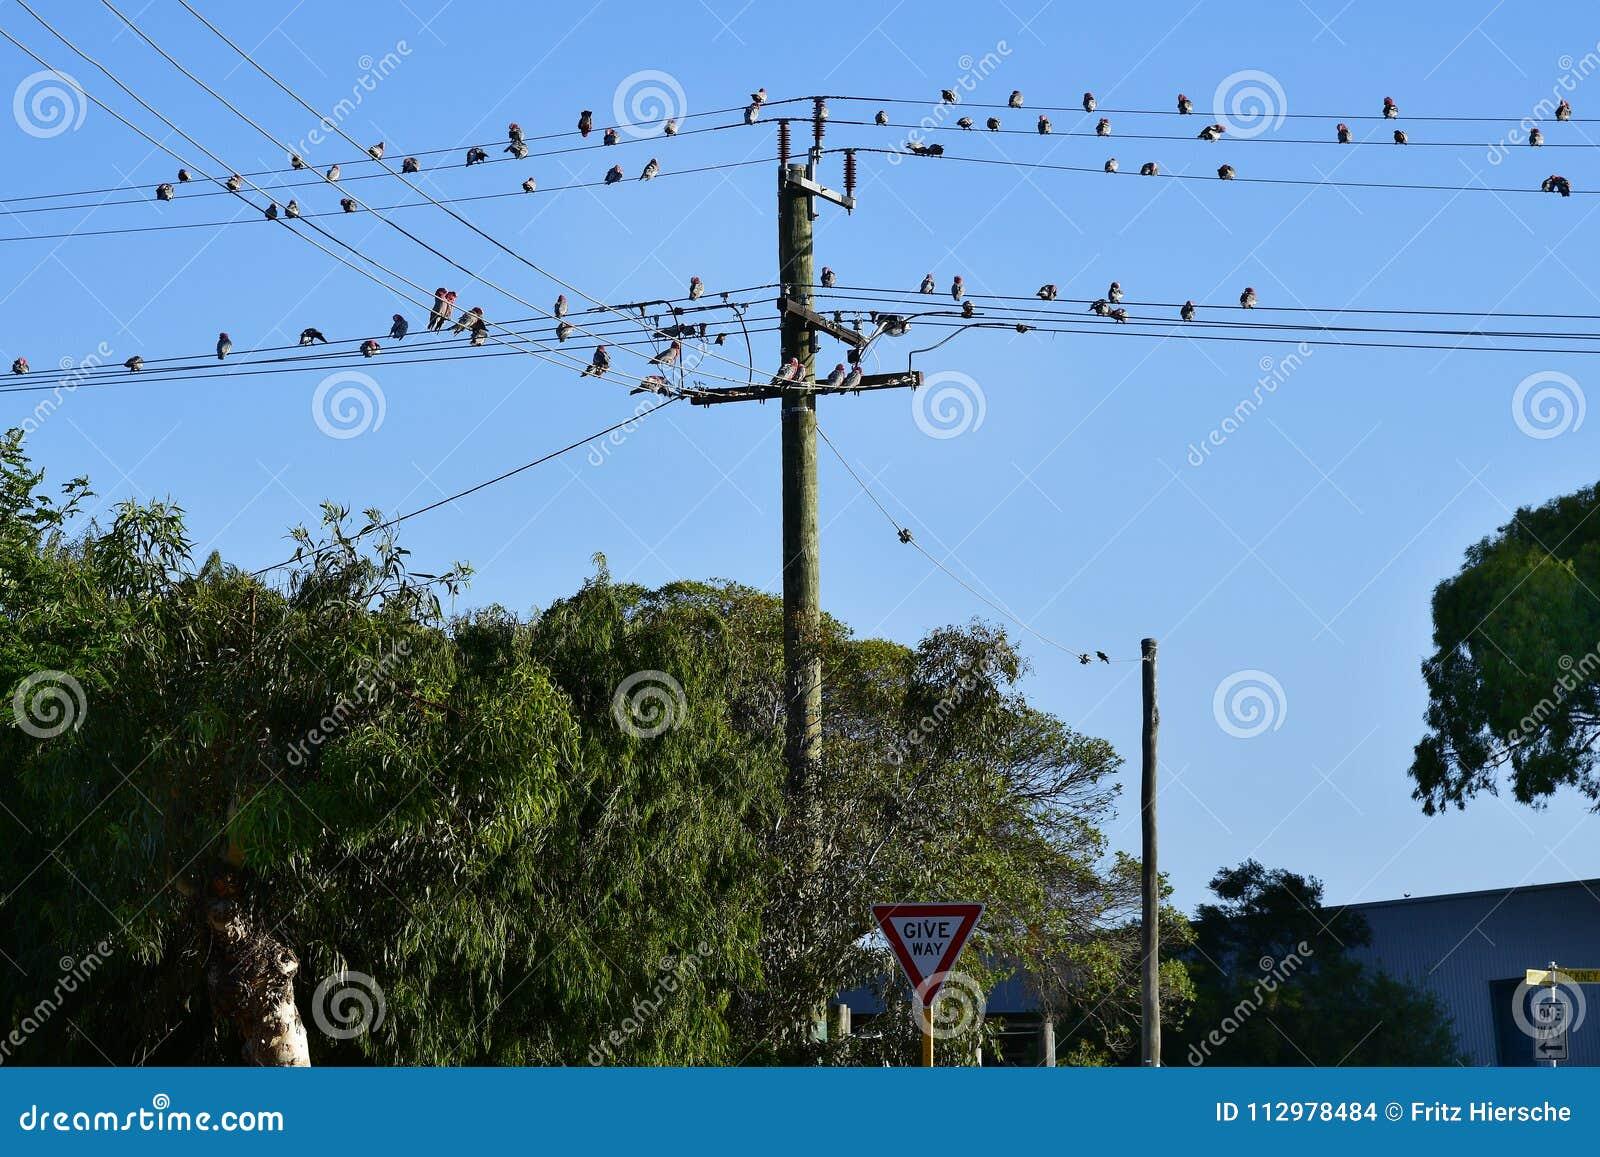 Australia, WA, Kalbarri , Birds